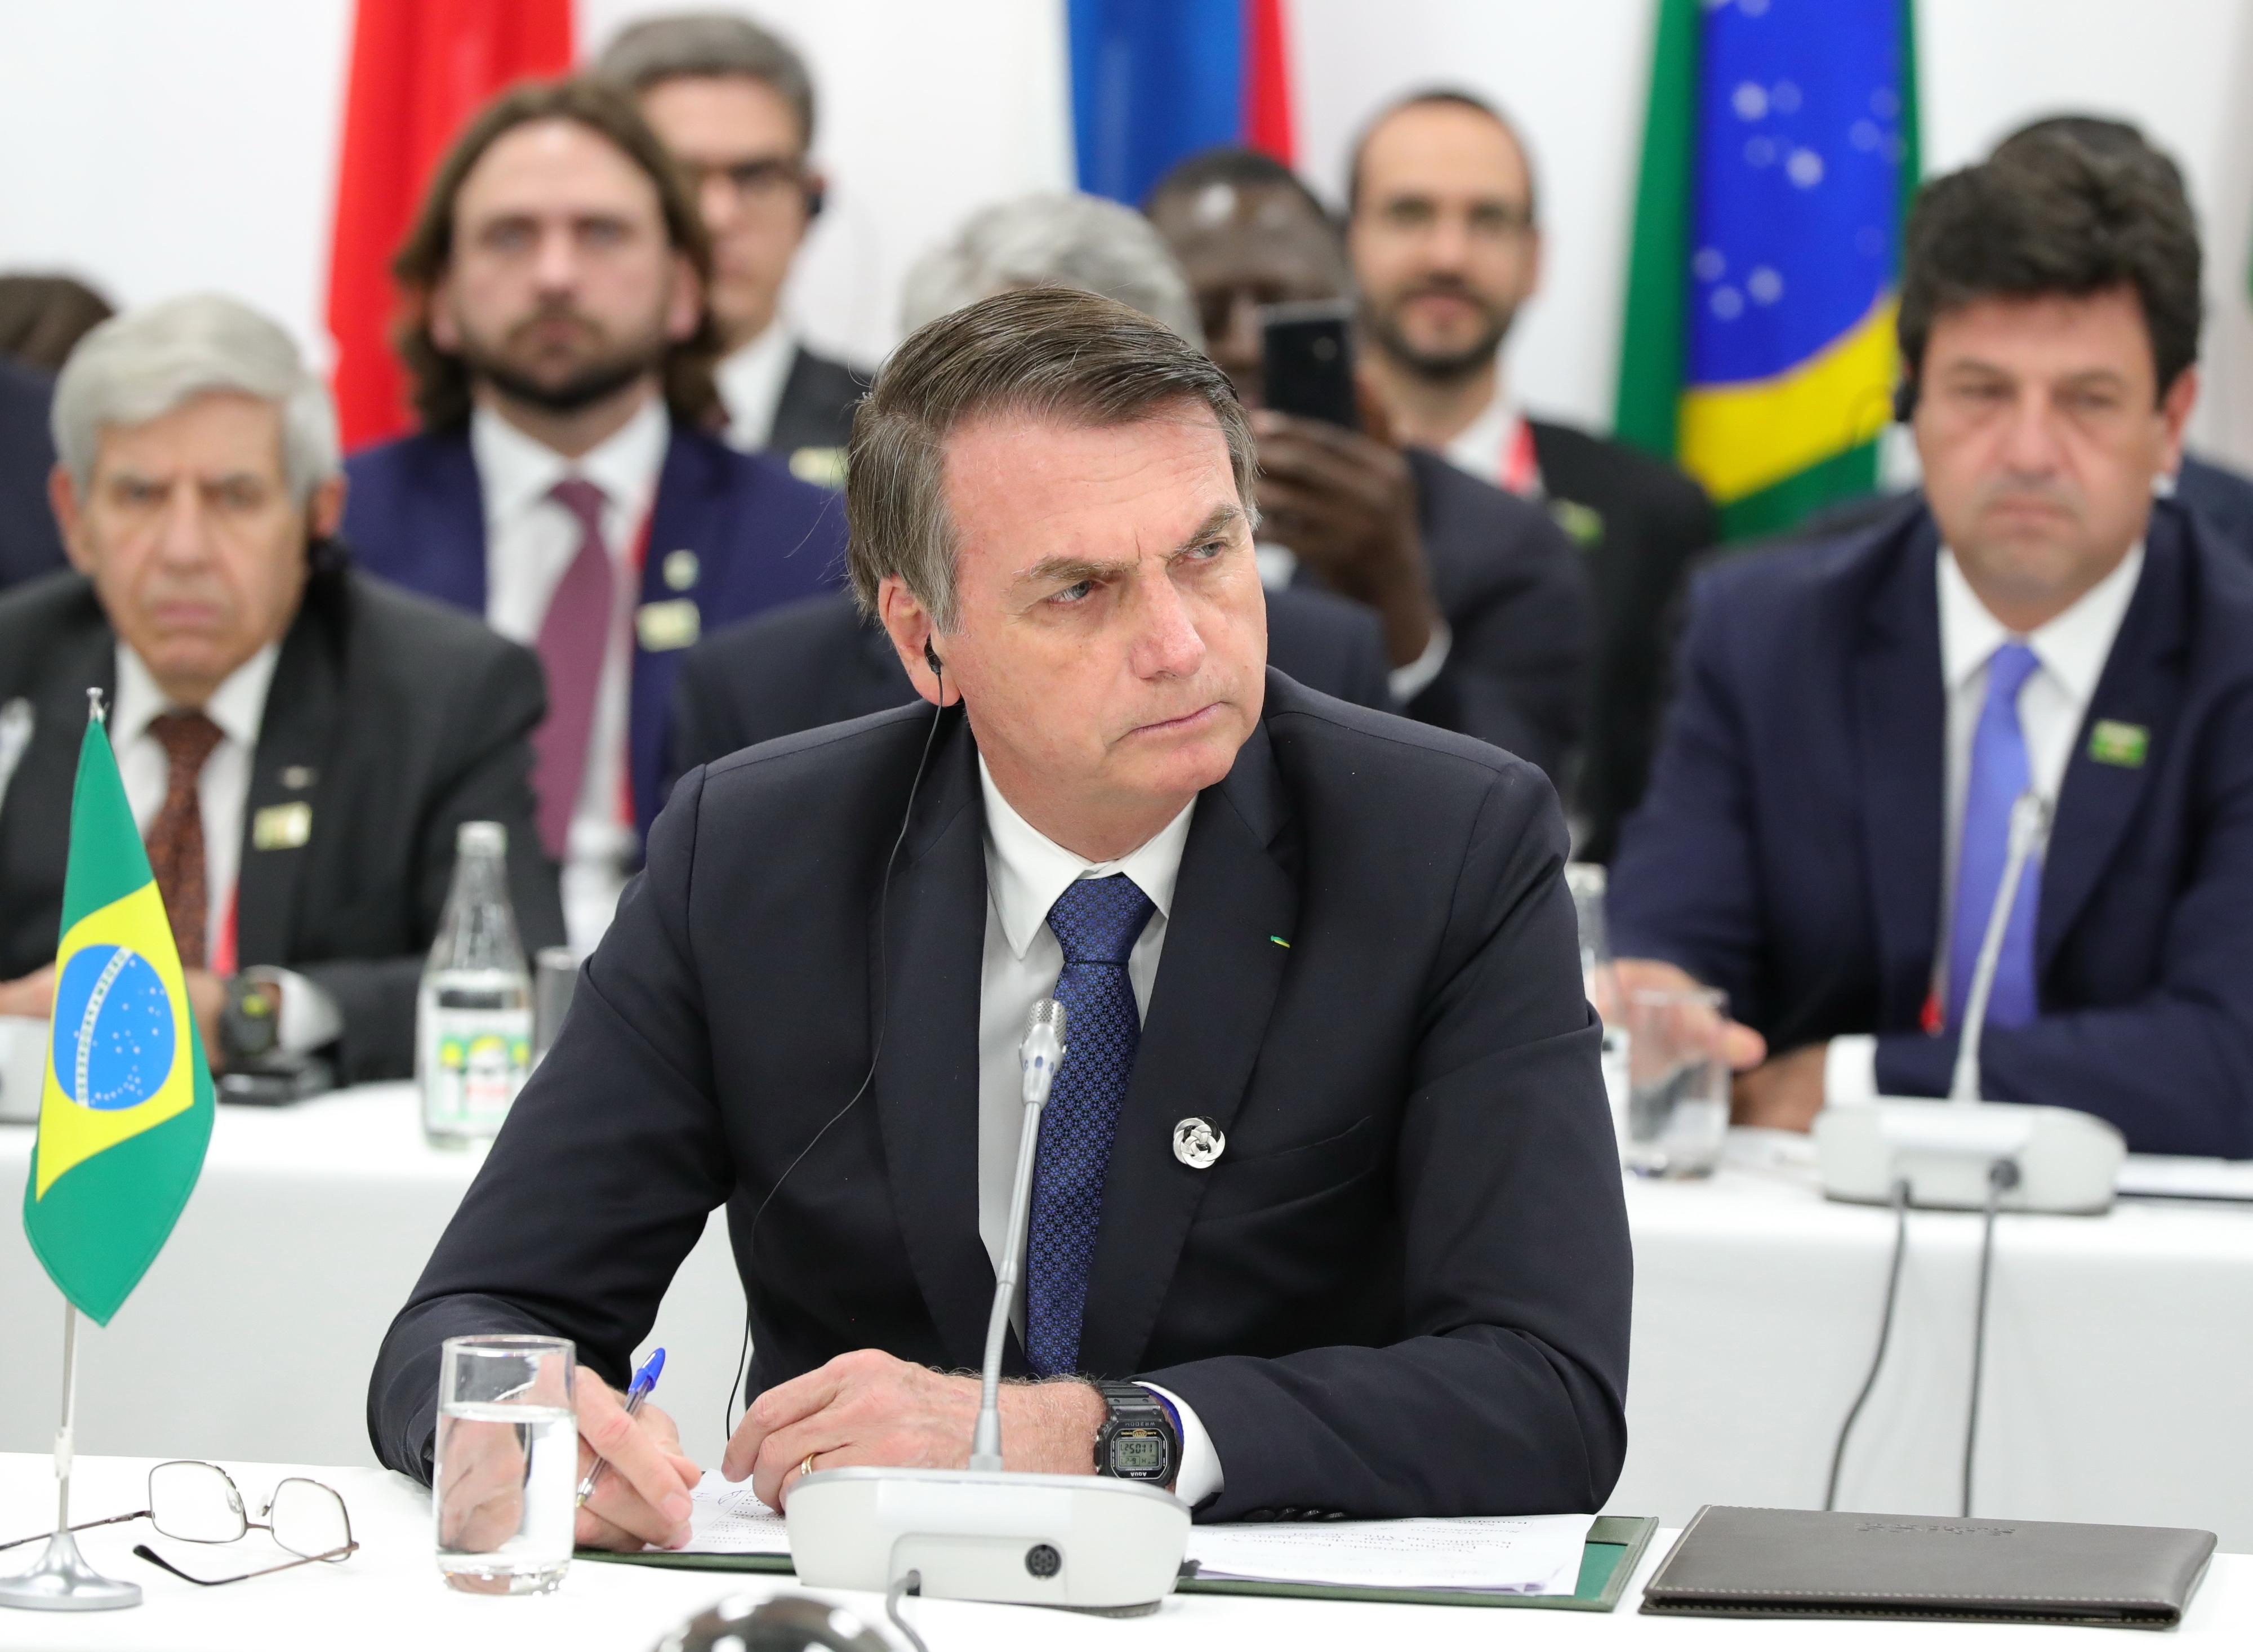 Bolsonaro diz que o Brasil deixará o Mercosul se a Argentina criar problemas